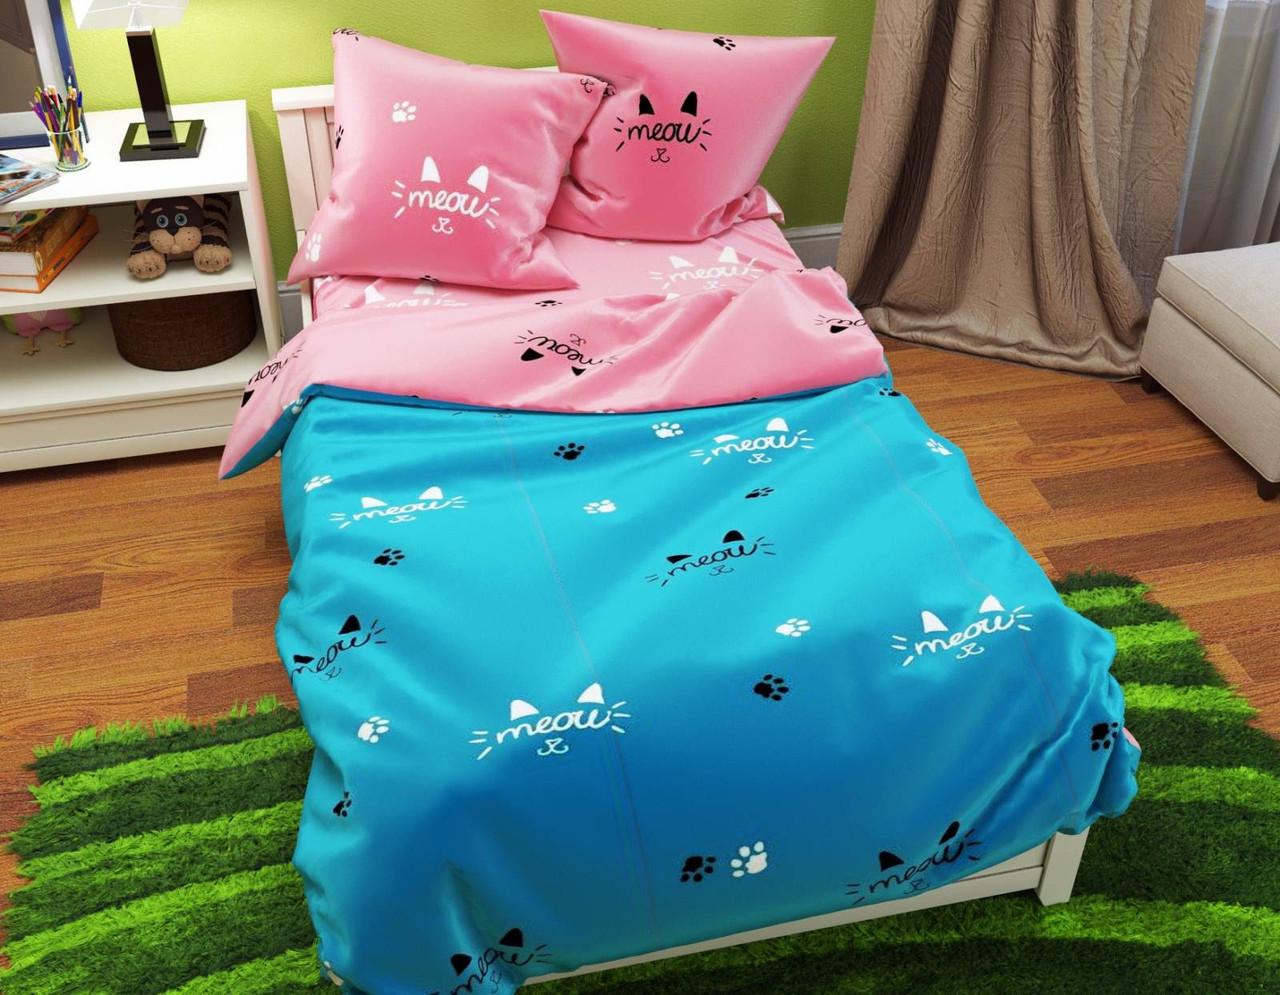 Комплект качественного постельного белья, размер євро, мяу мяу